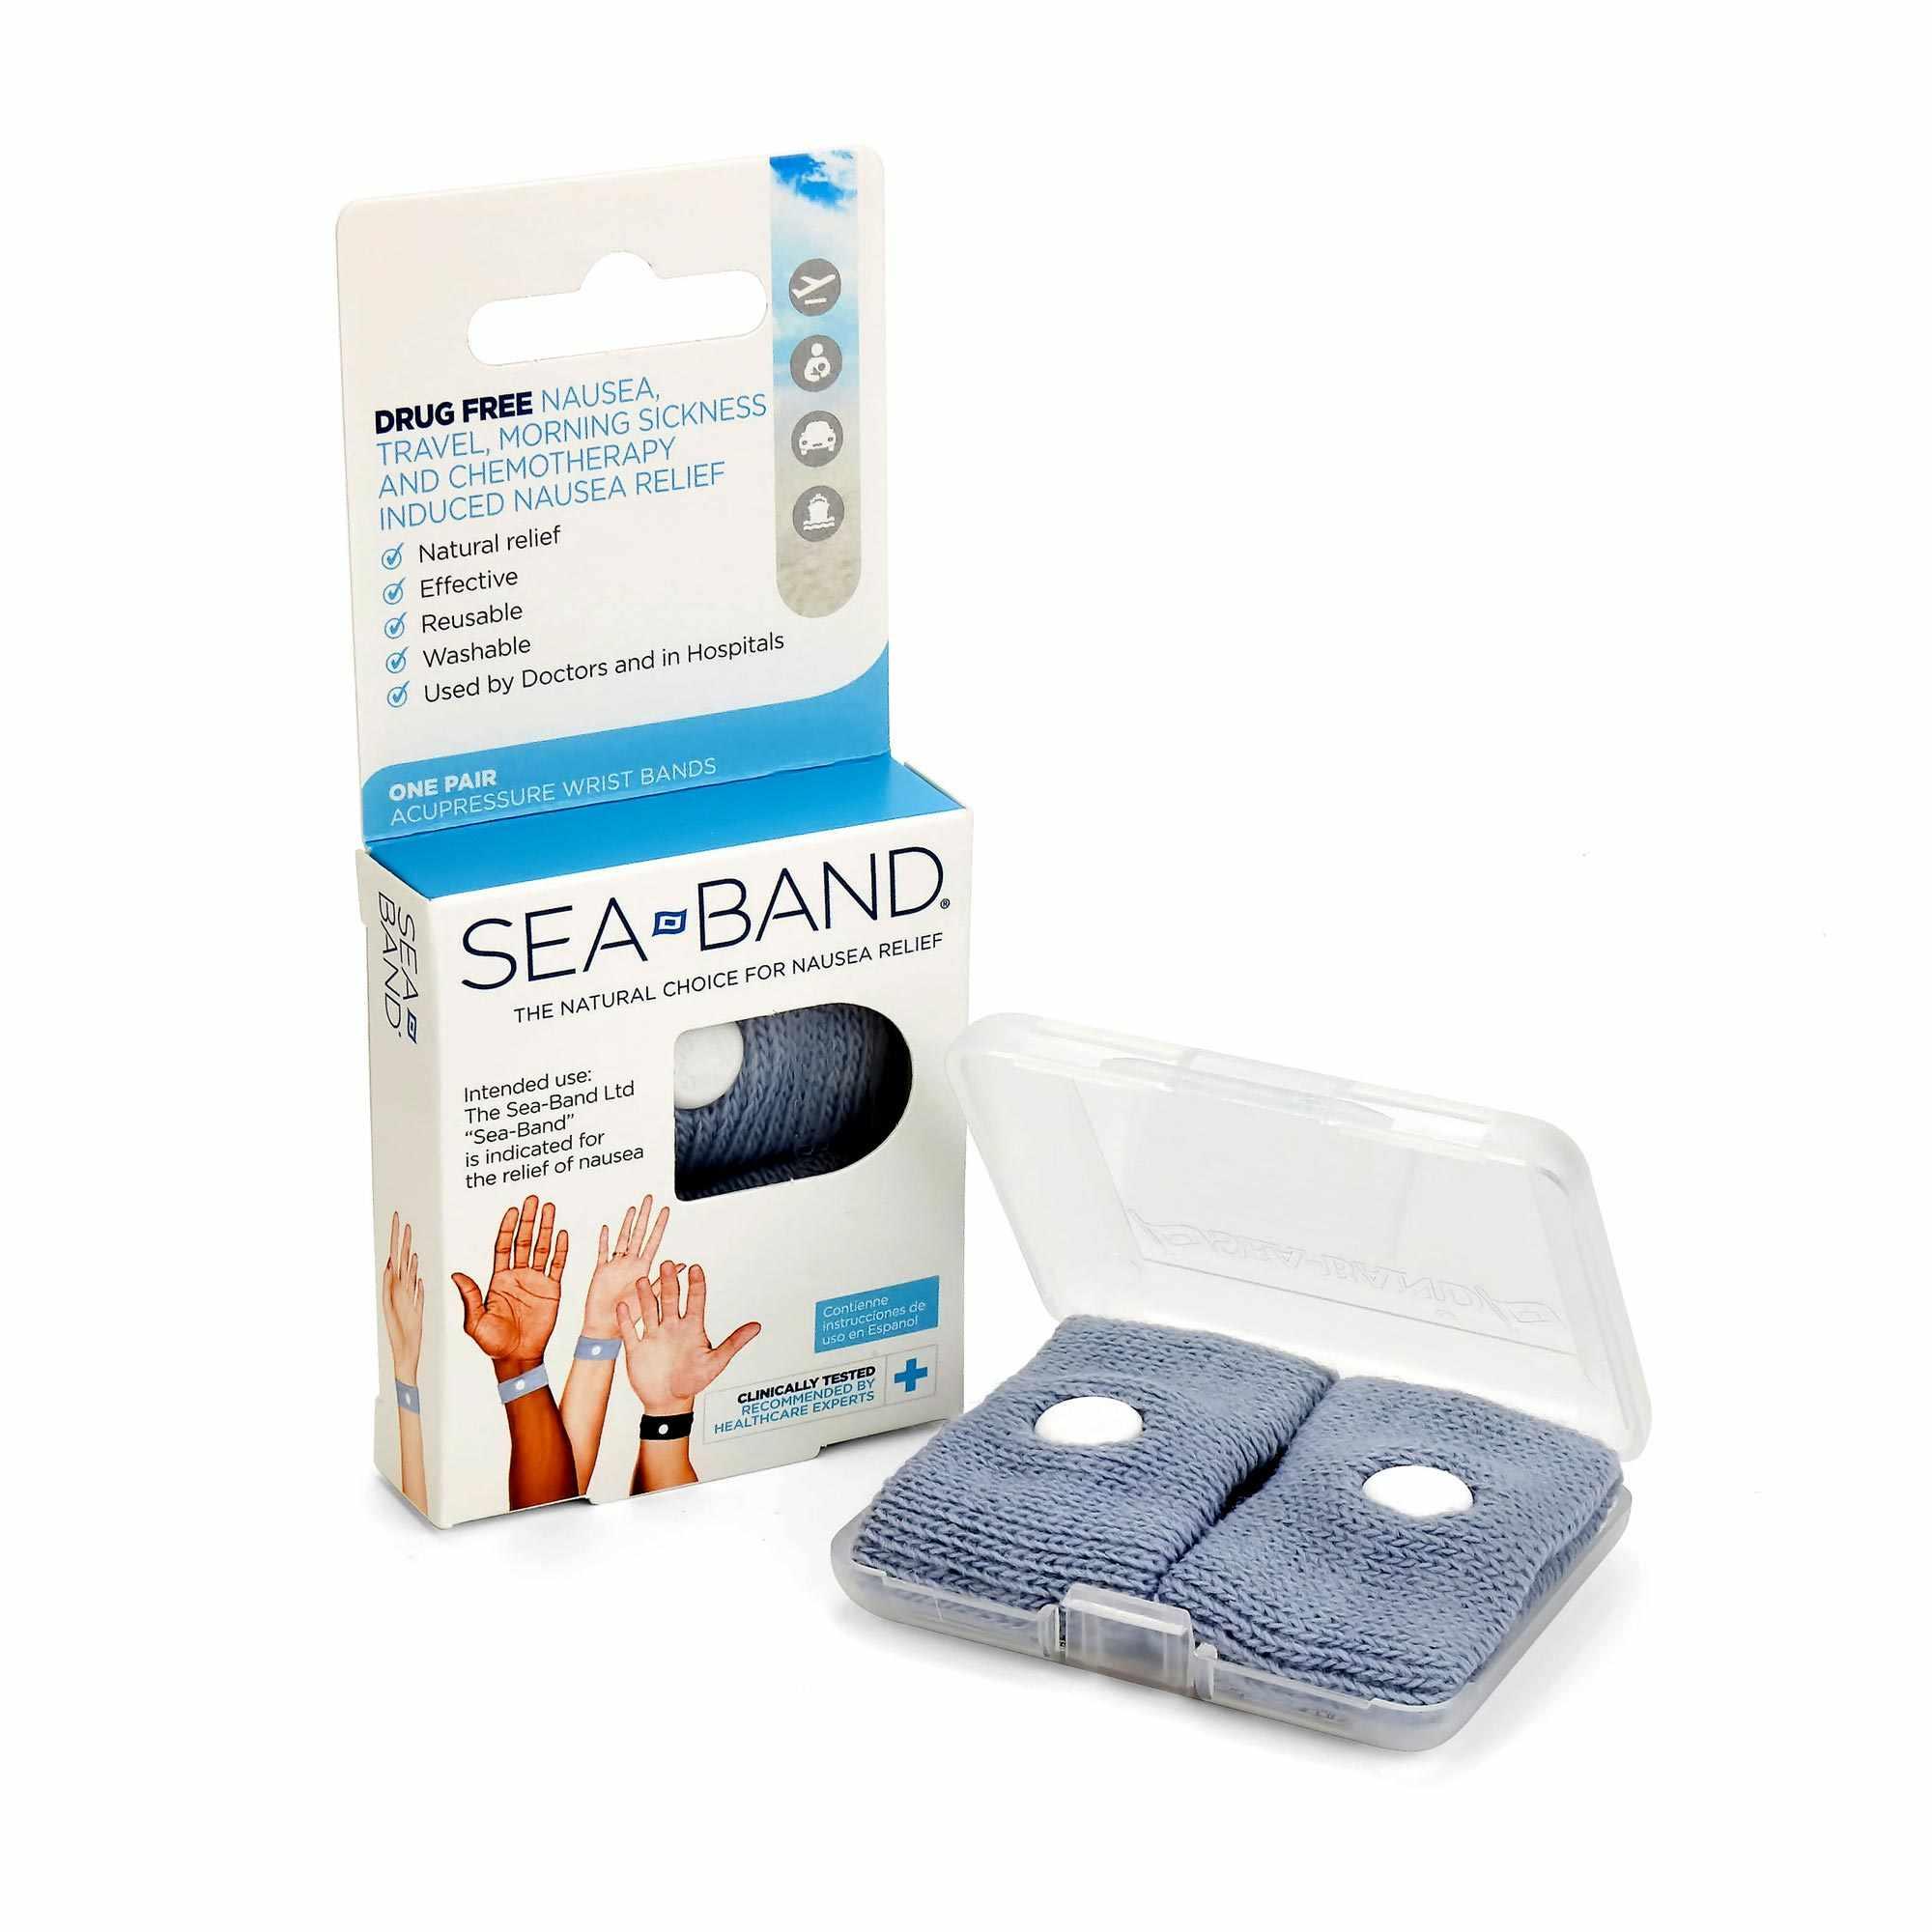 Sea-Band Accupressure Wrist Band